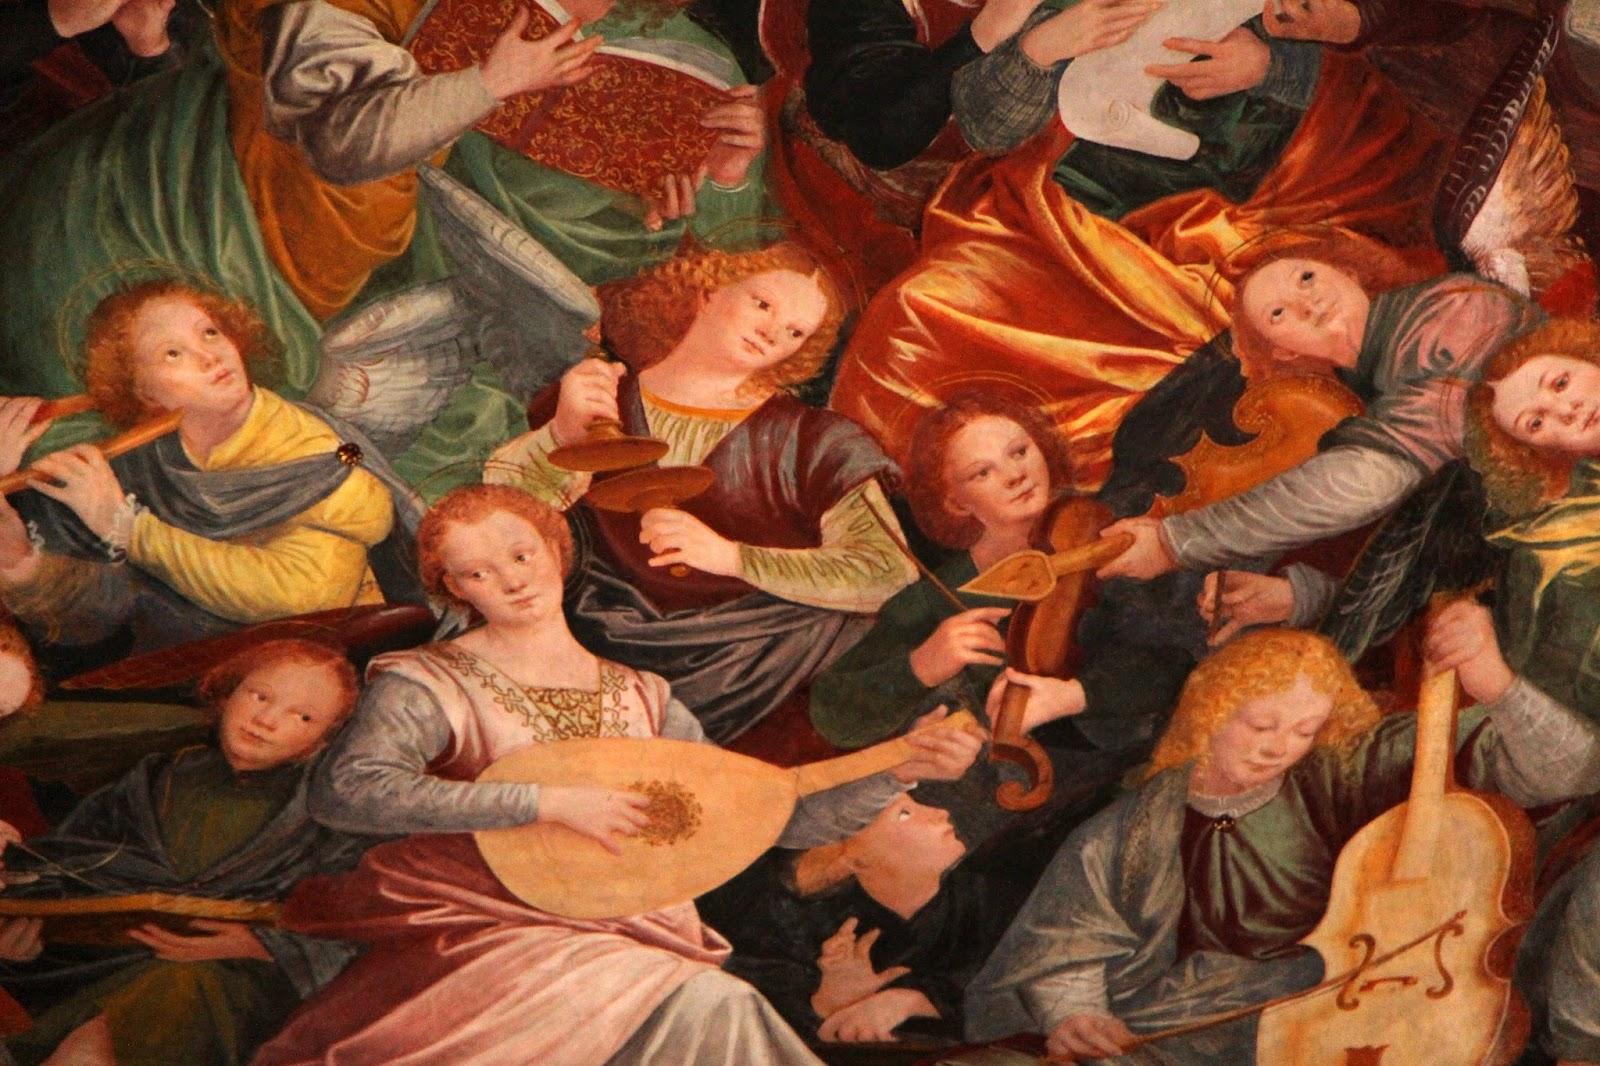 Coro di Angeli dans immagini sacre 17